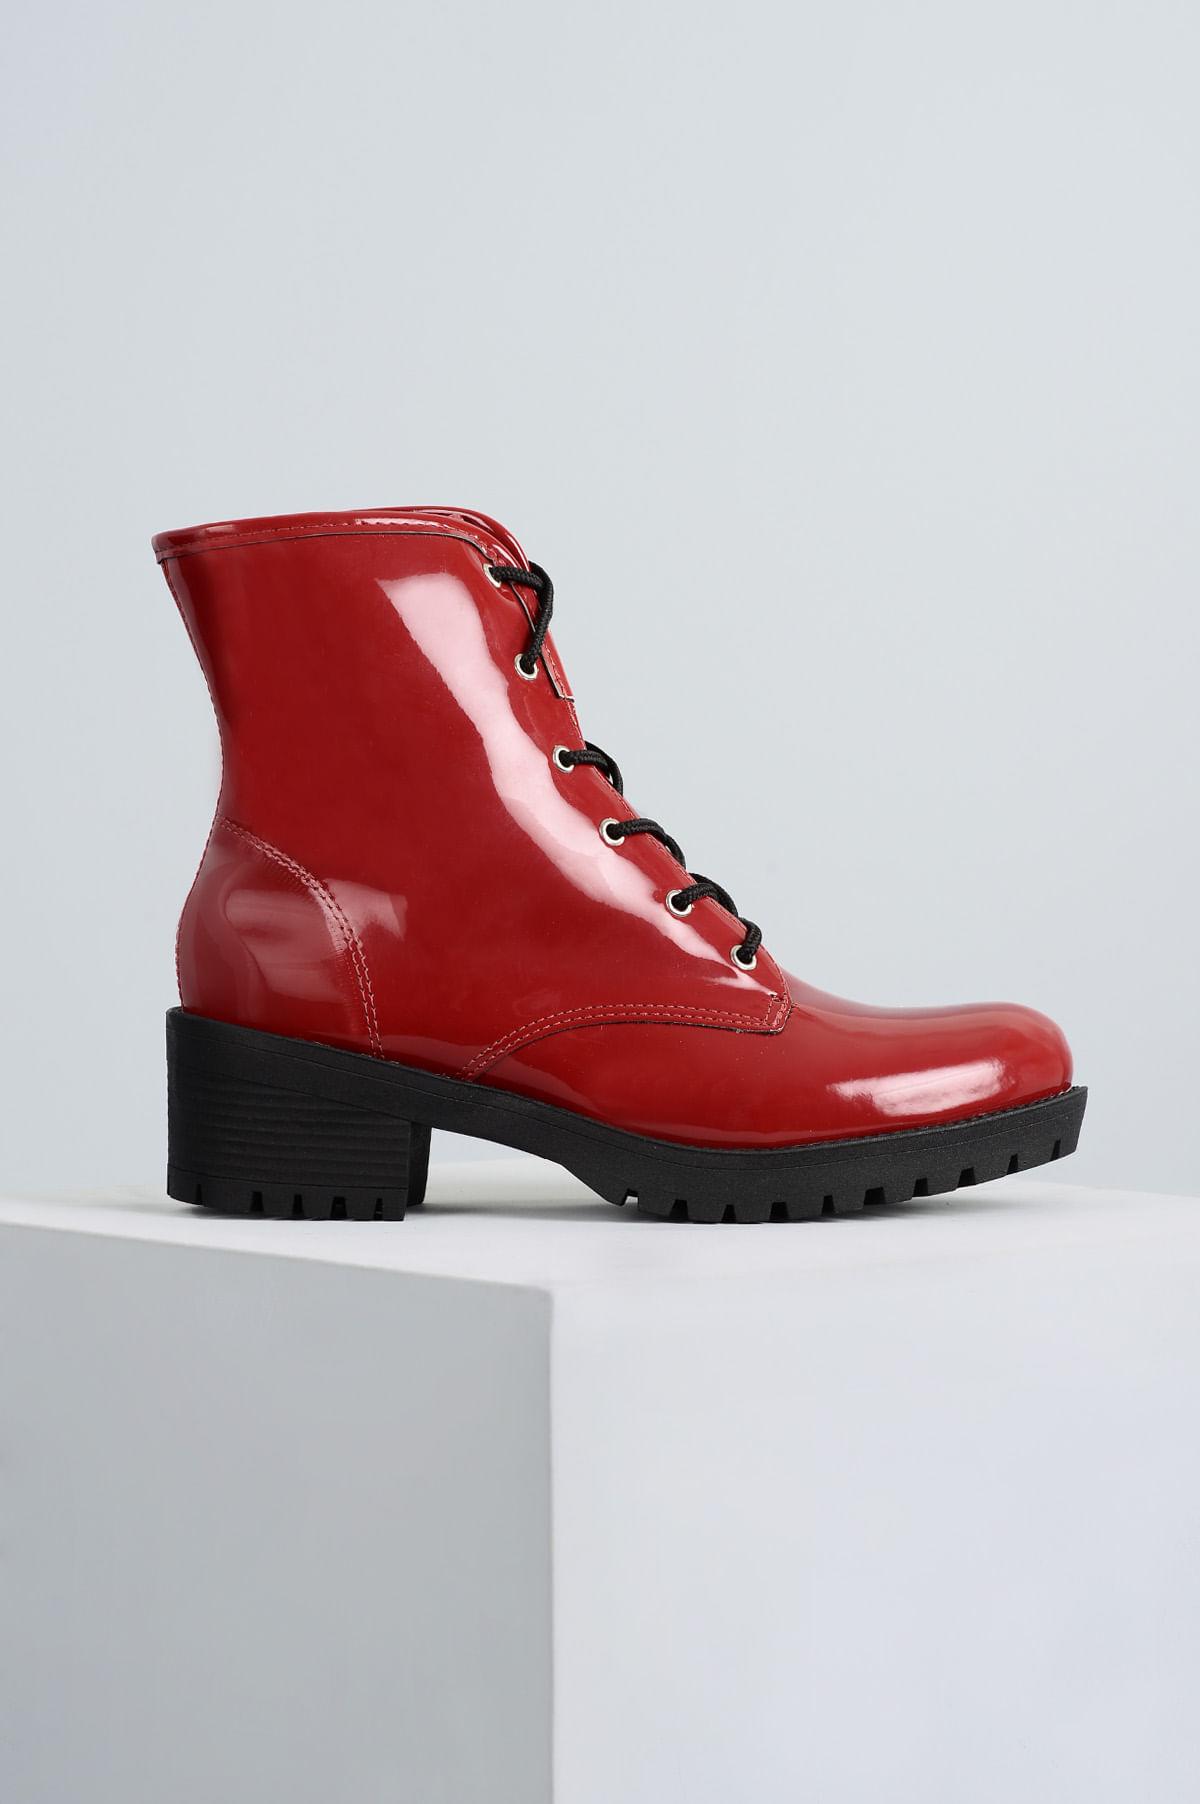 36f85f693c4 Bota Coturno Lolita Mundial VERNIZ - VERMELHO - Mundial Calçados